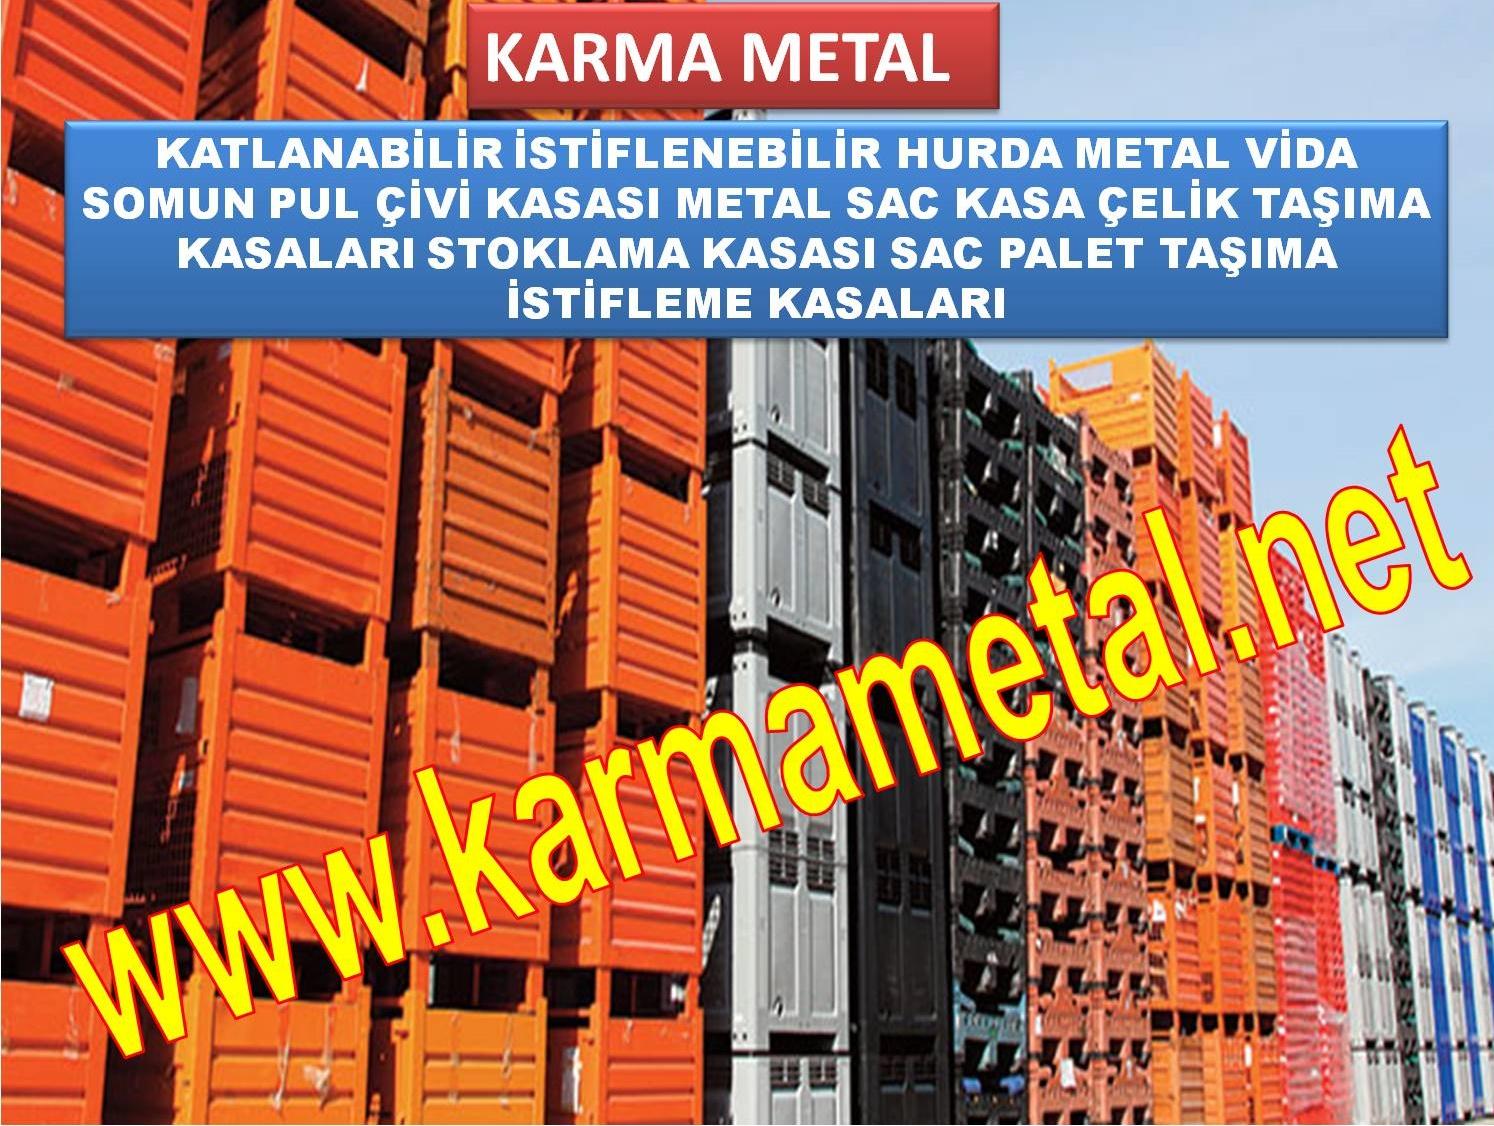 metal tasima ve sevkiyat kasasi kasalari sandik palet fiyati (7)